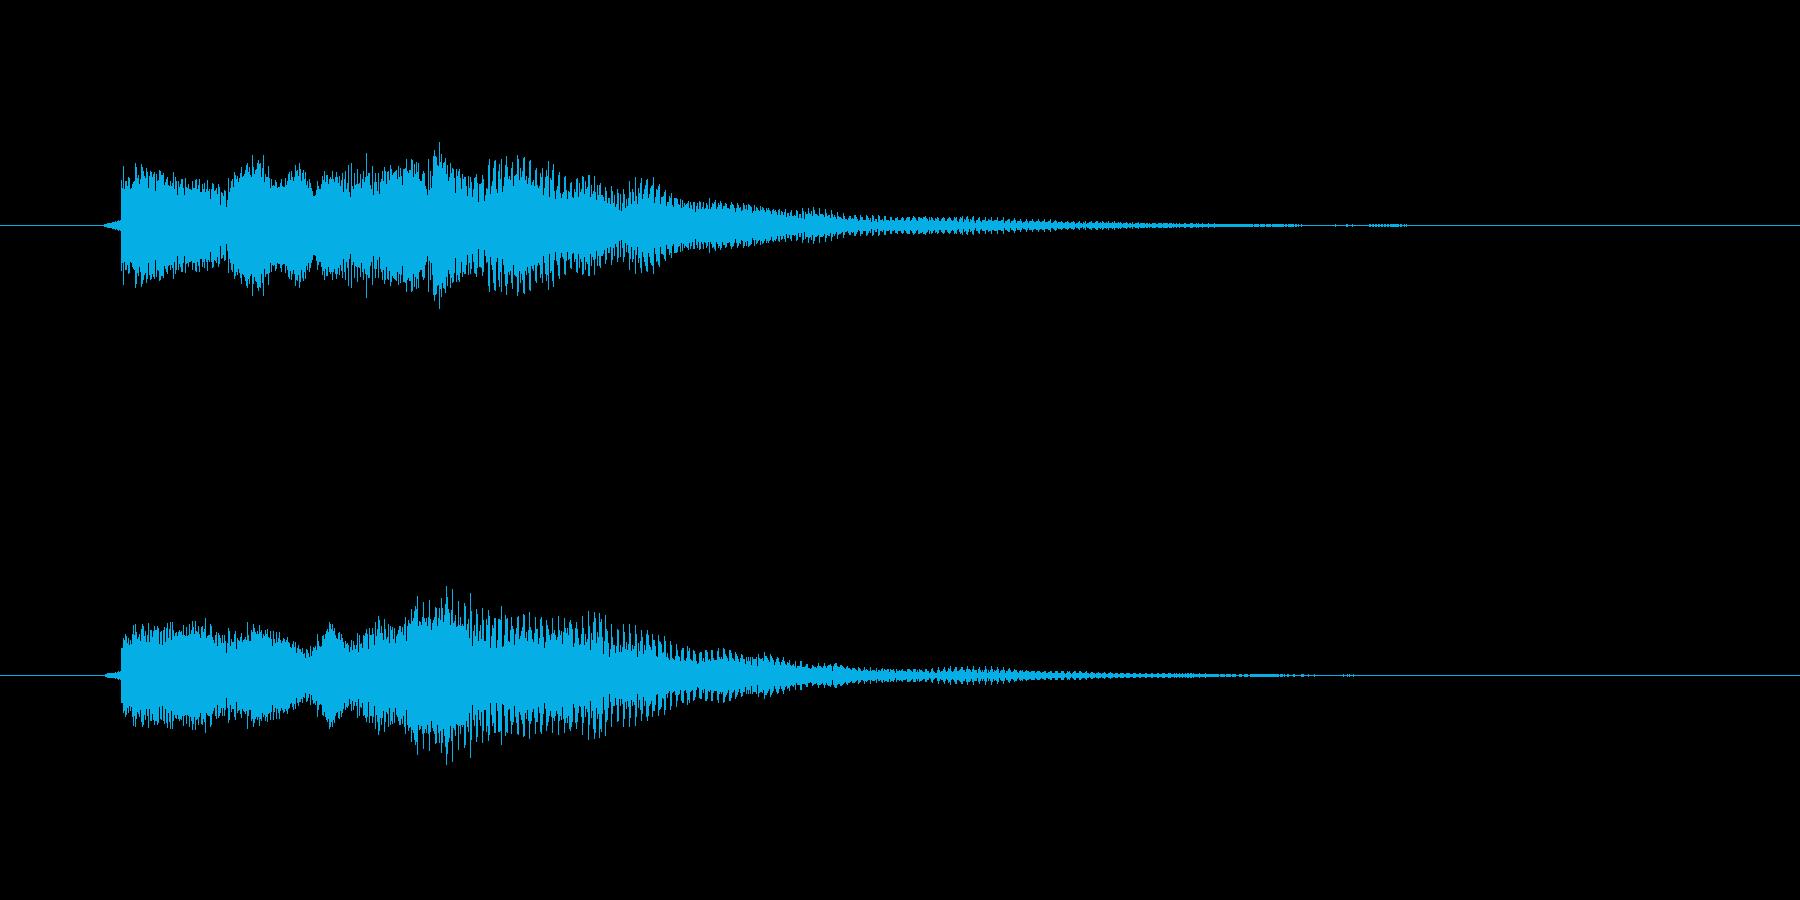 回復音、復活音、回復魔法、セーブ音の再生済みの波形